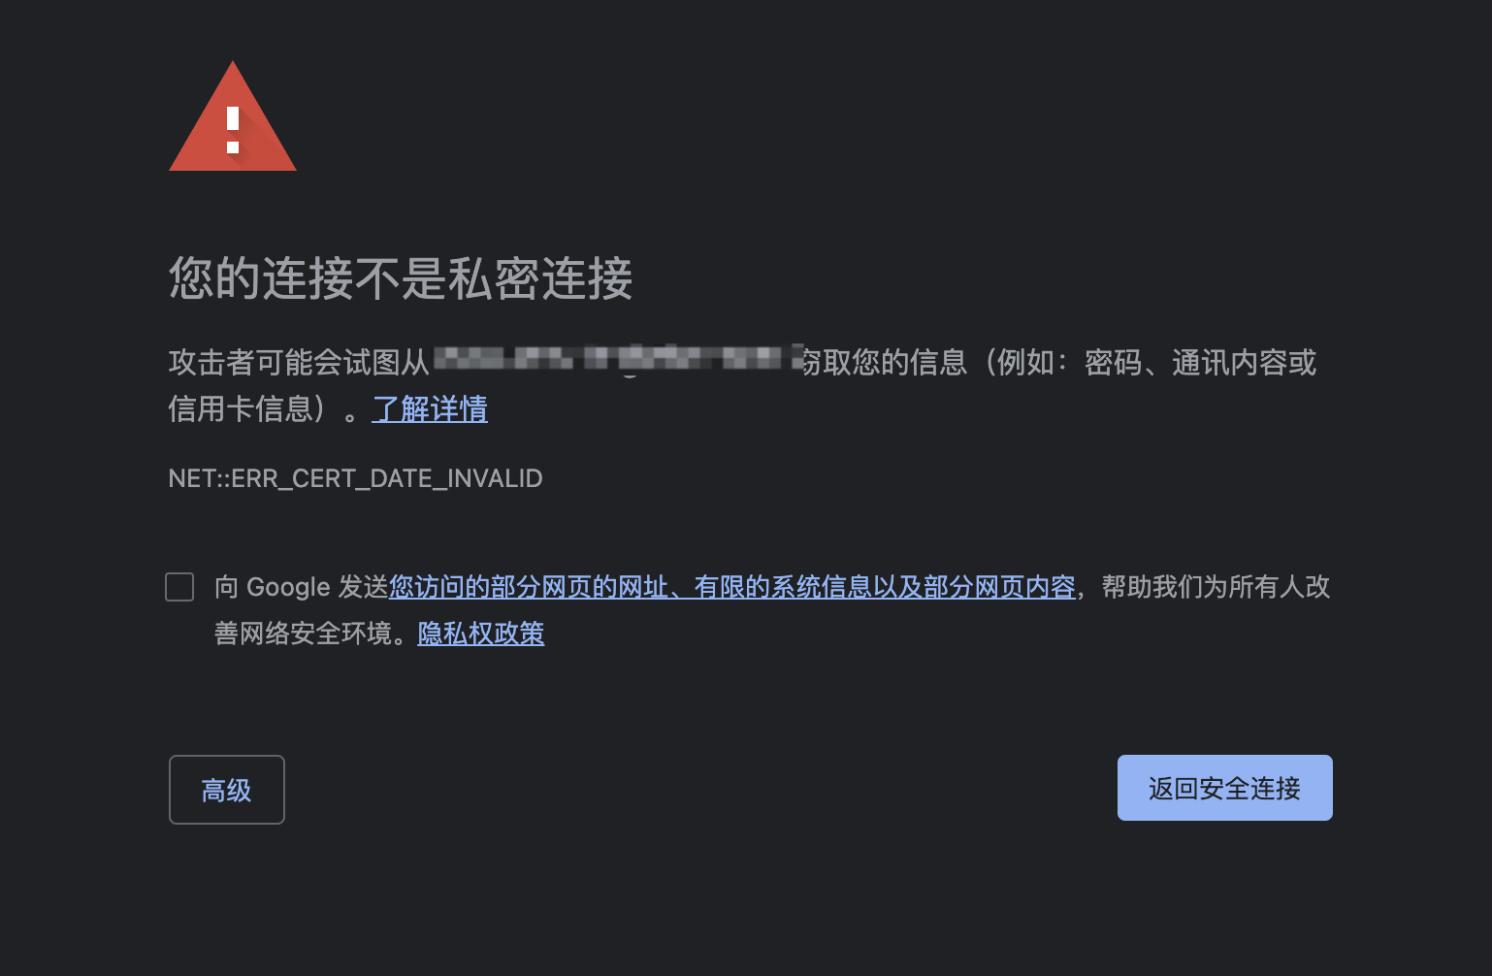 宝塔面板续期ssl证书